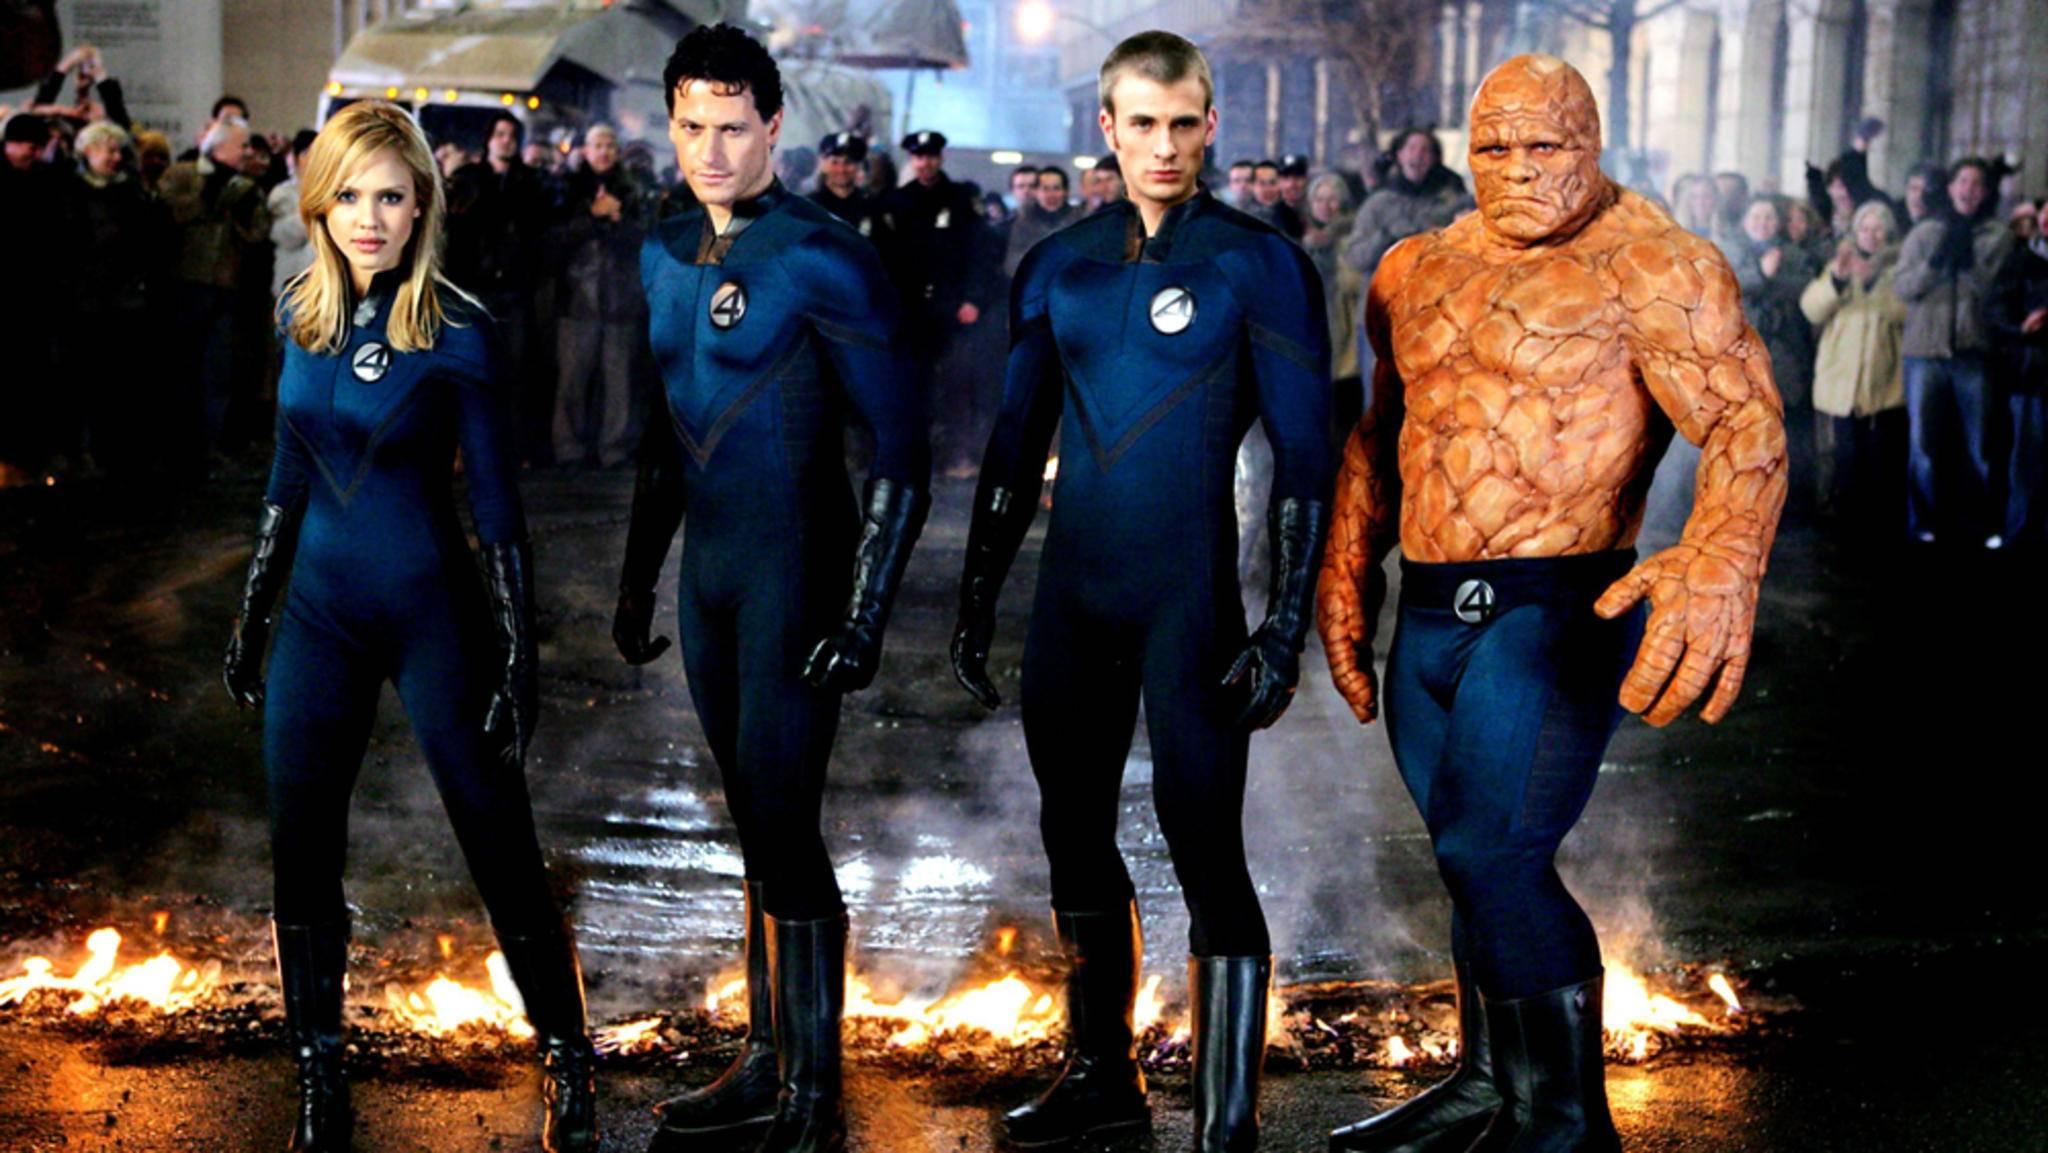 """Die """"Fantastic Four"""" (Foto: Verfilmung von 2005) könnten bald erneut auf der Leinwand landen."""